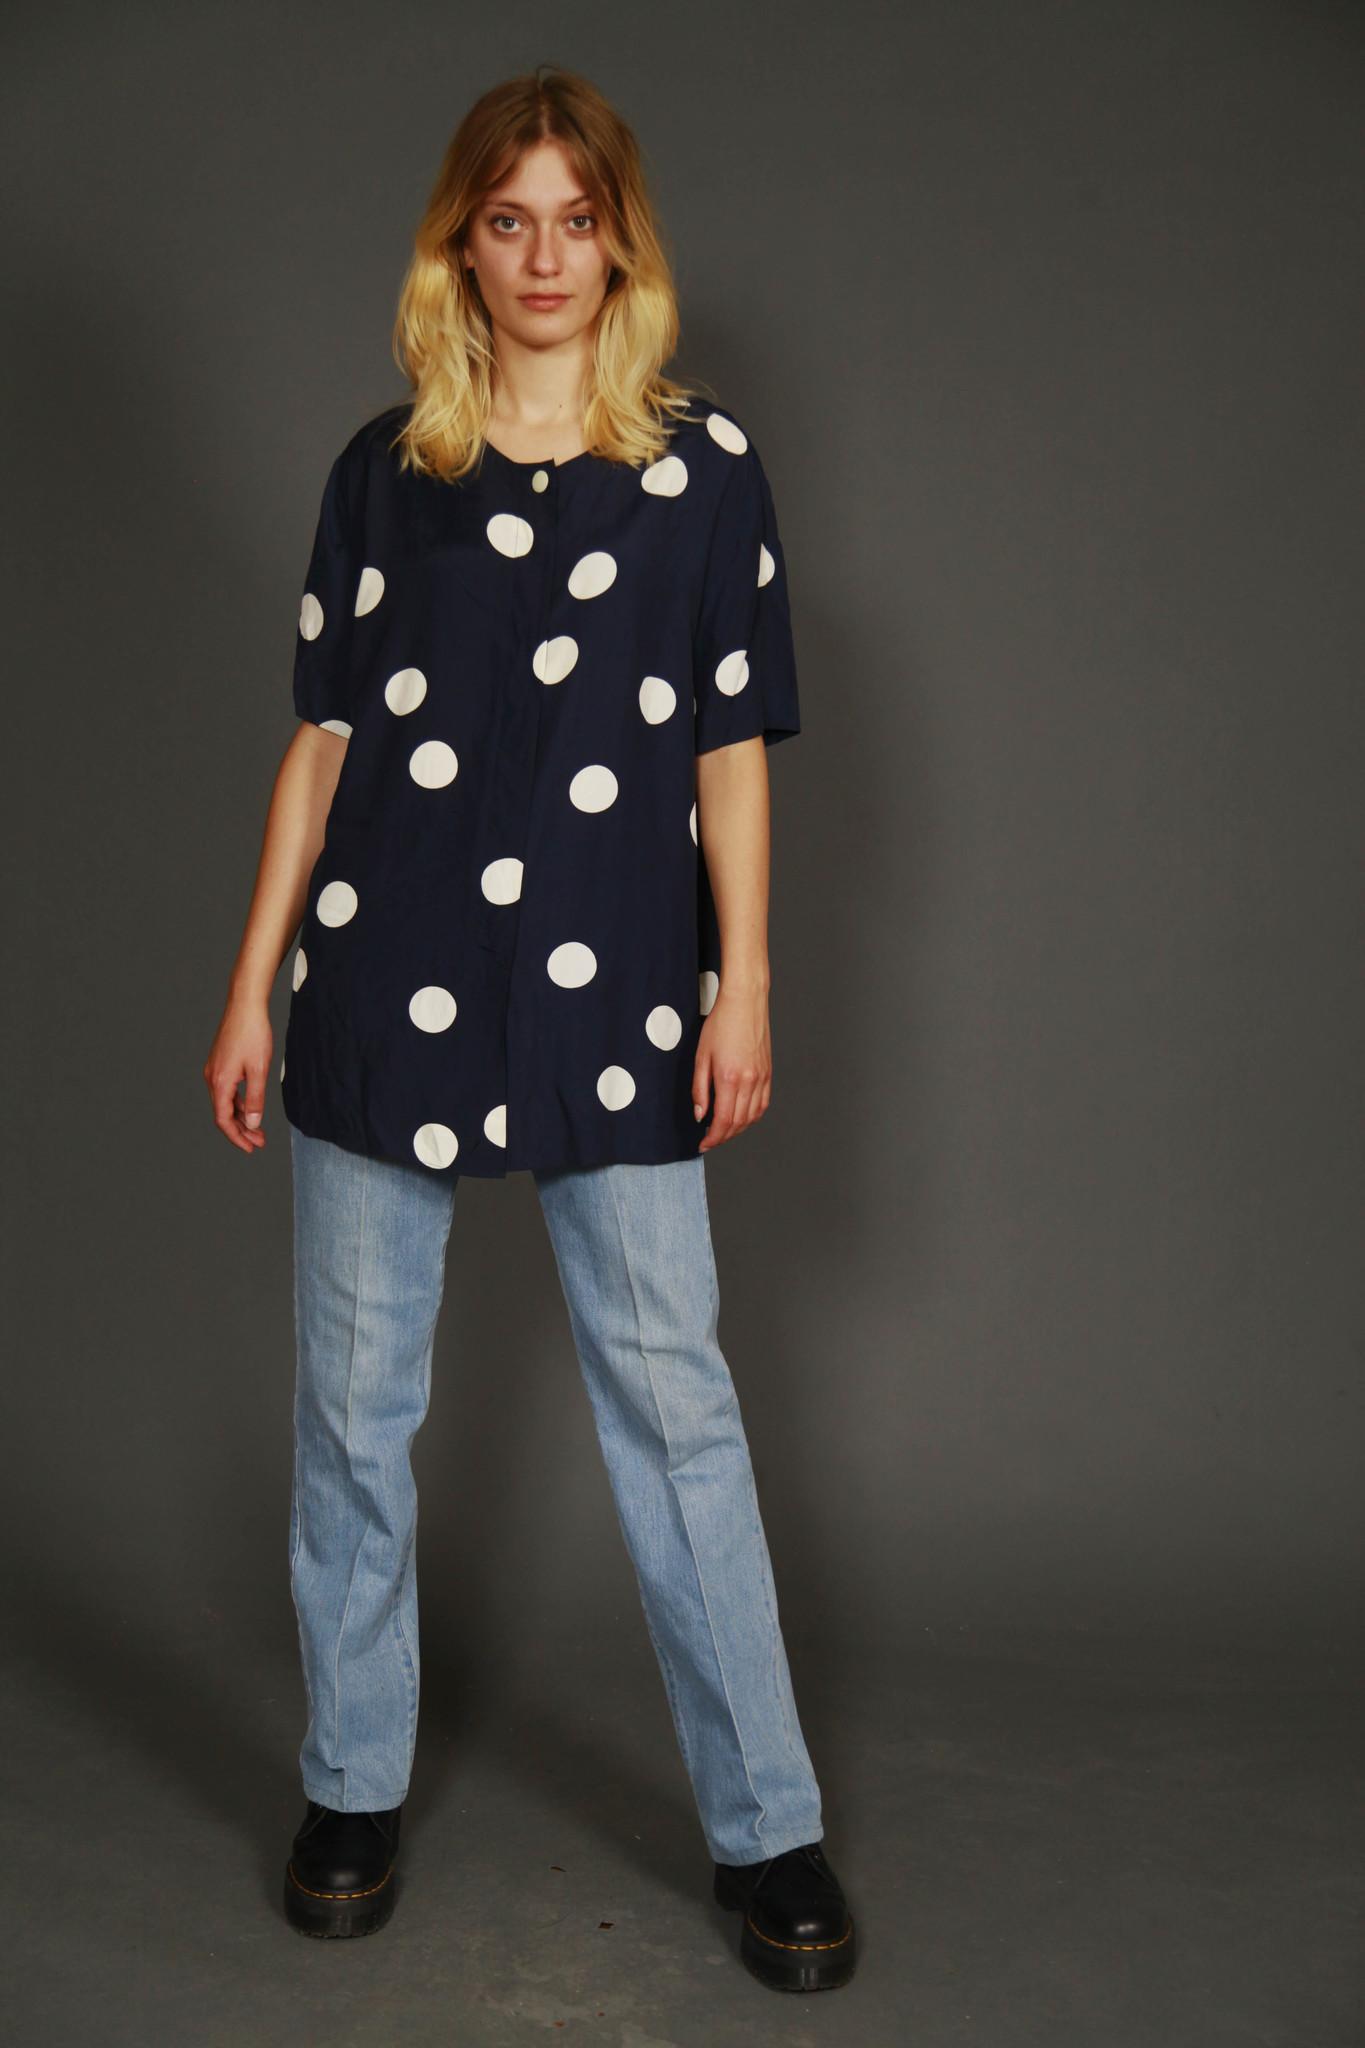 Comfortable 90s shirt